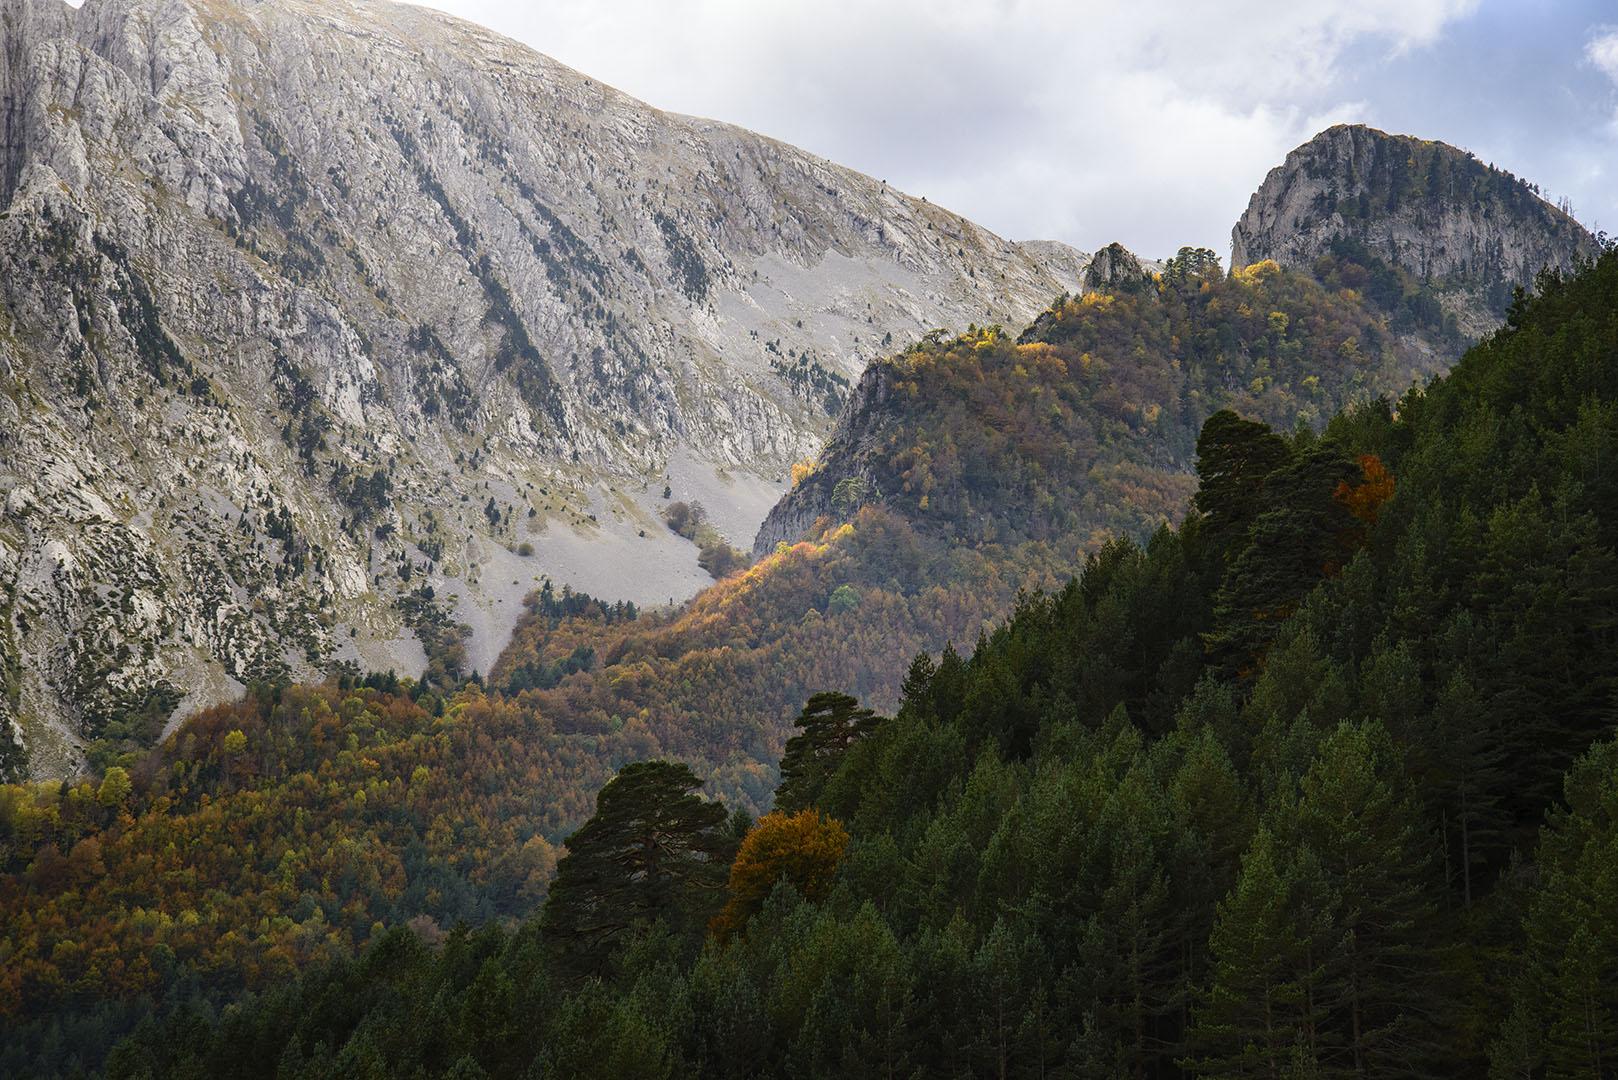 Capas de vida, Pirineos. - Grandes espacios - Fotografia Larrea. Paisajes y grandes espacios